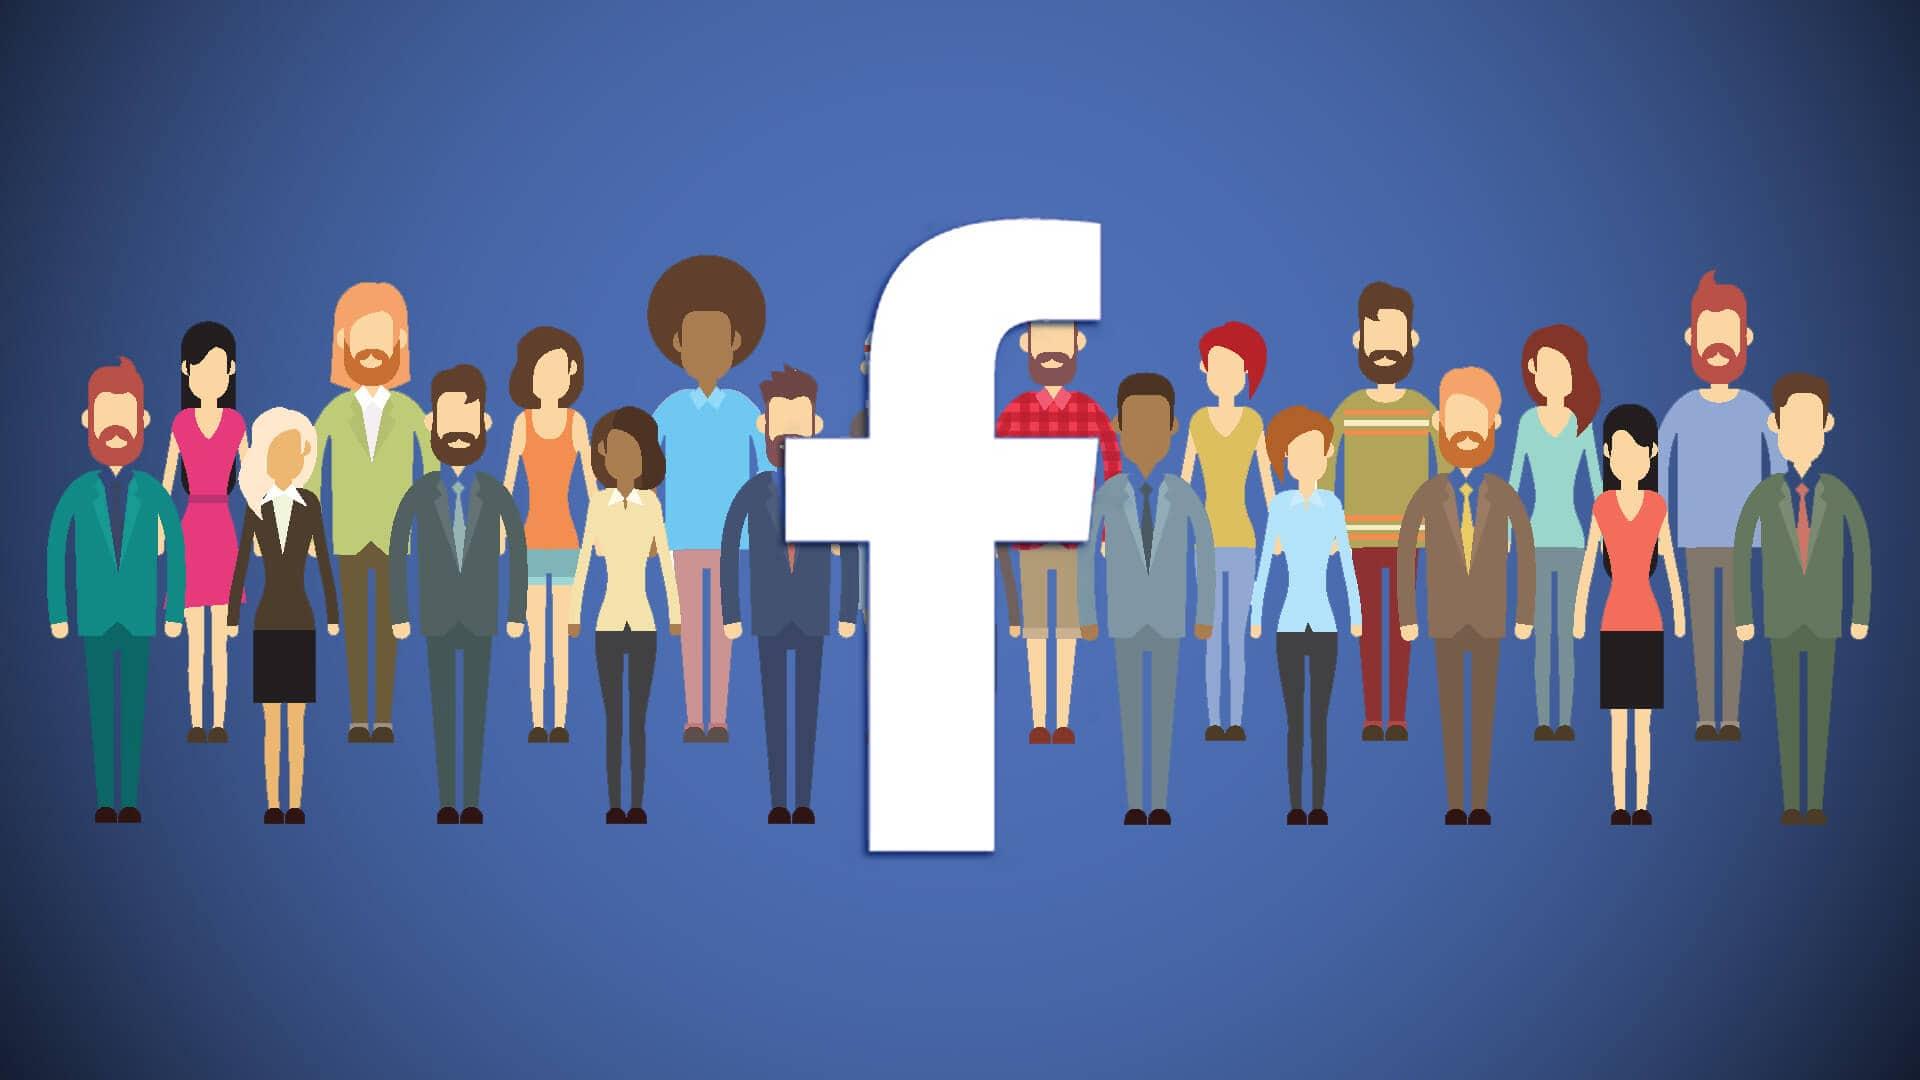 Social Media Release - Facebook's Express Wifi